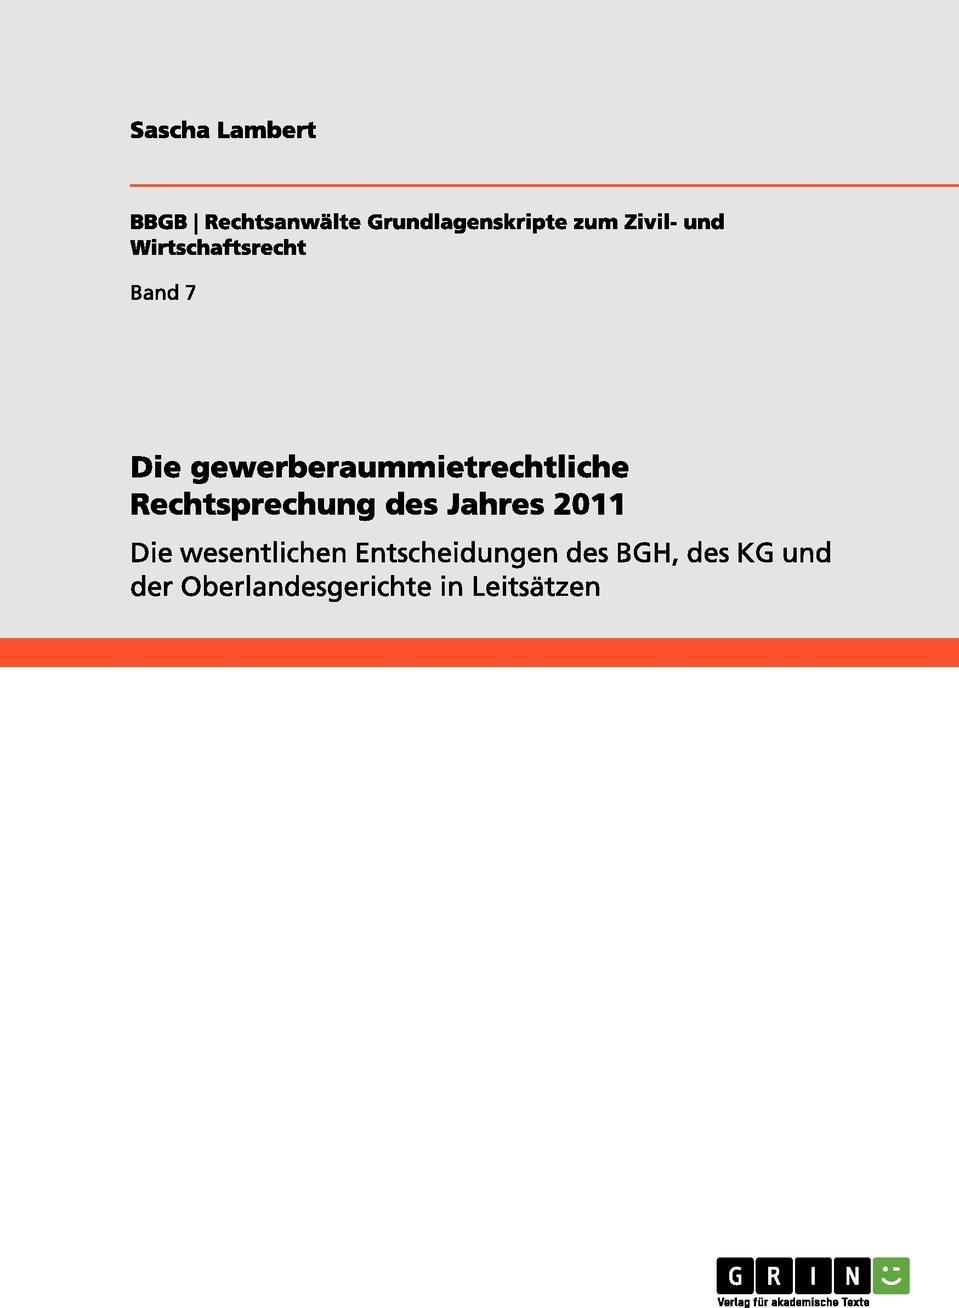 Die gewerberaummietrechtliche Rechtsprechung des Jahres 2011. Sascha Lambert